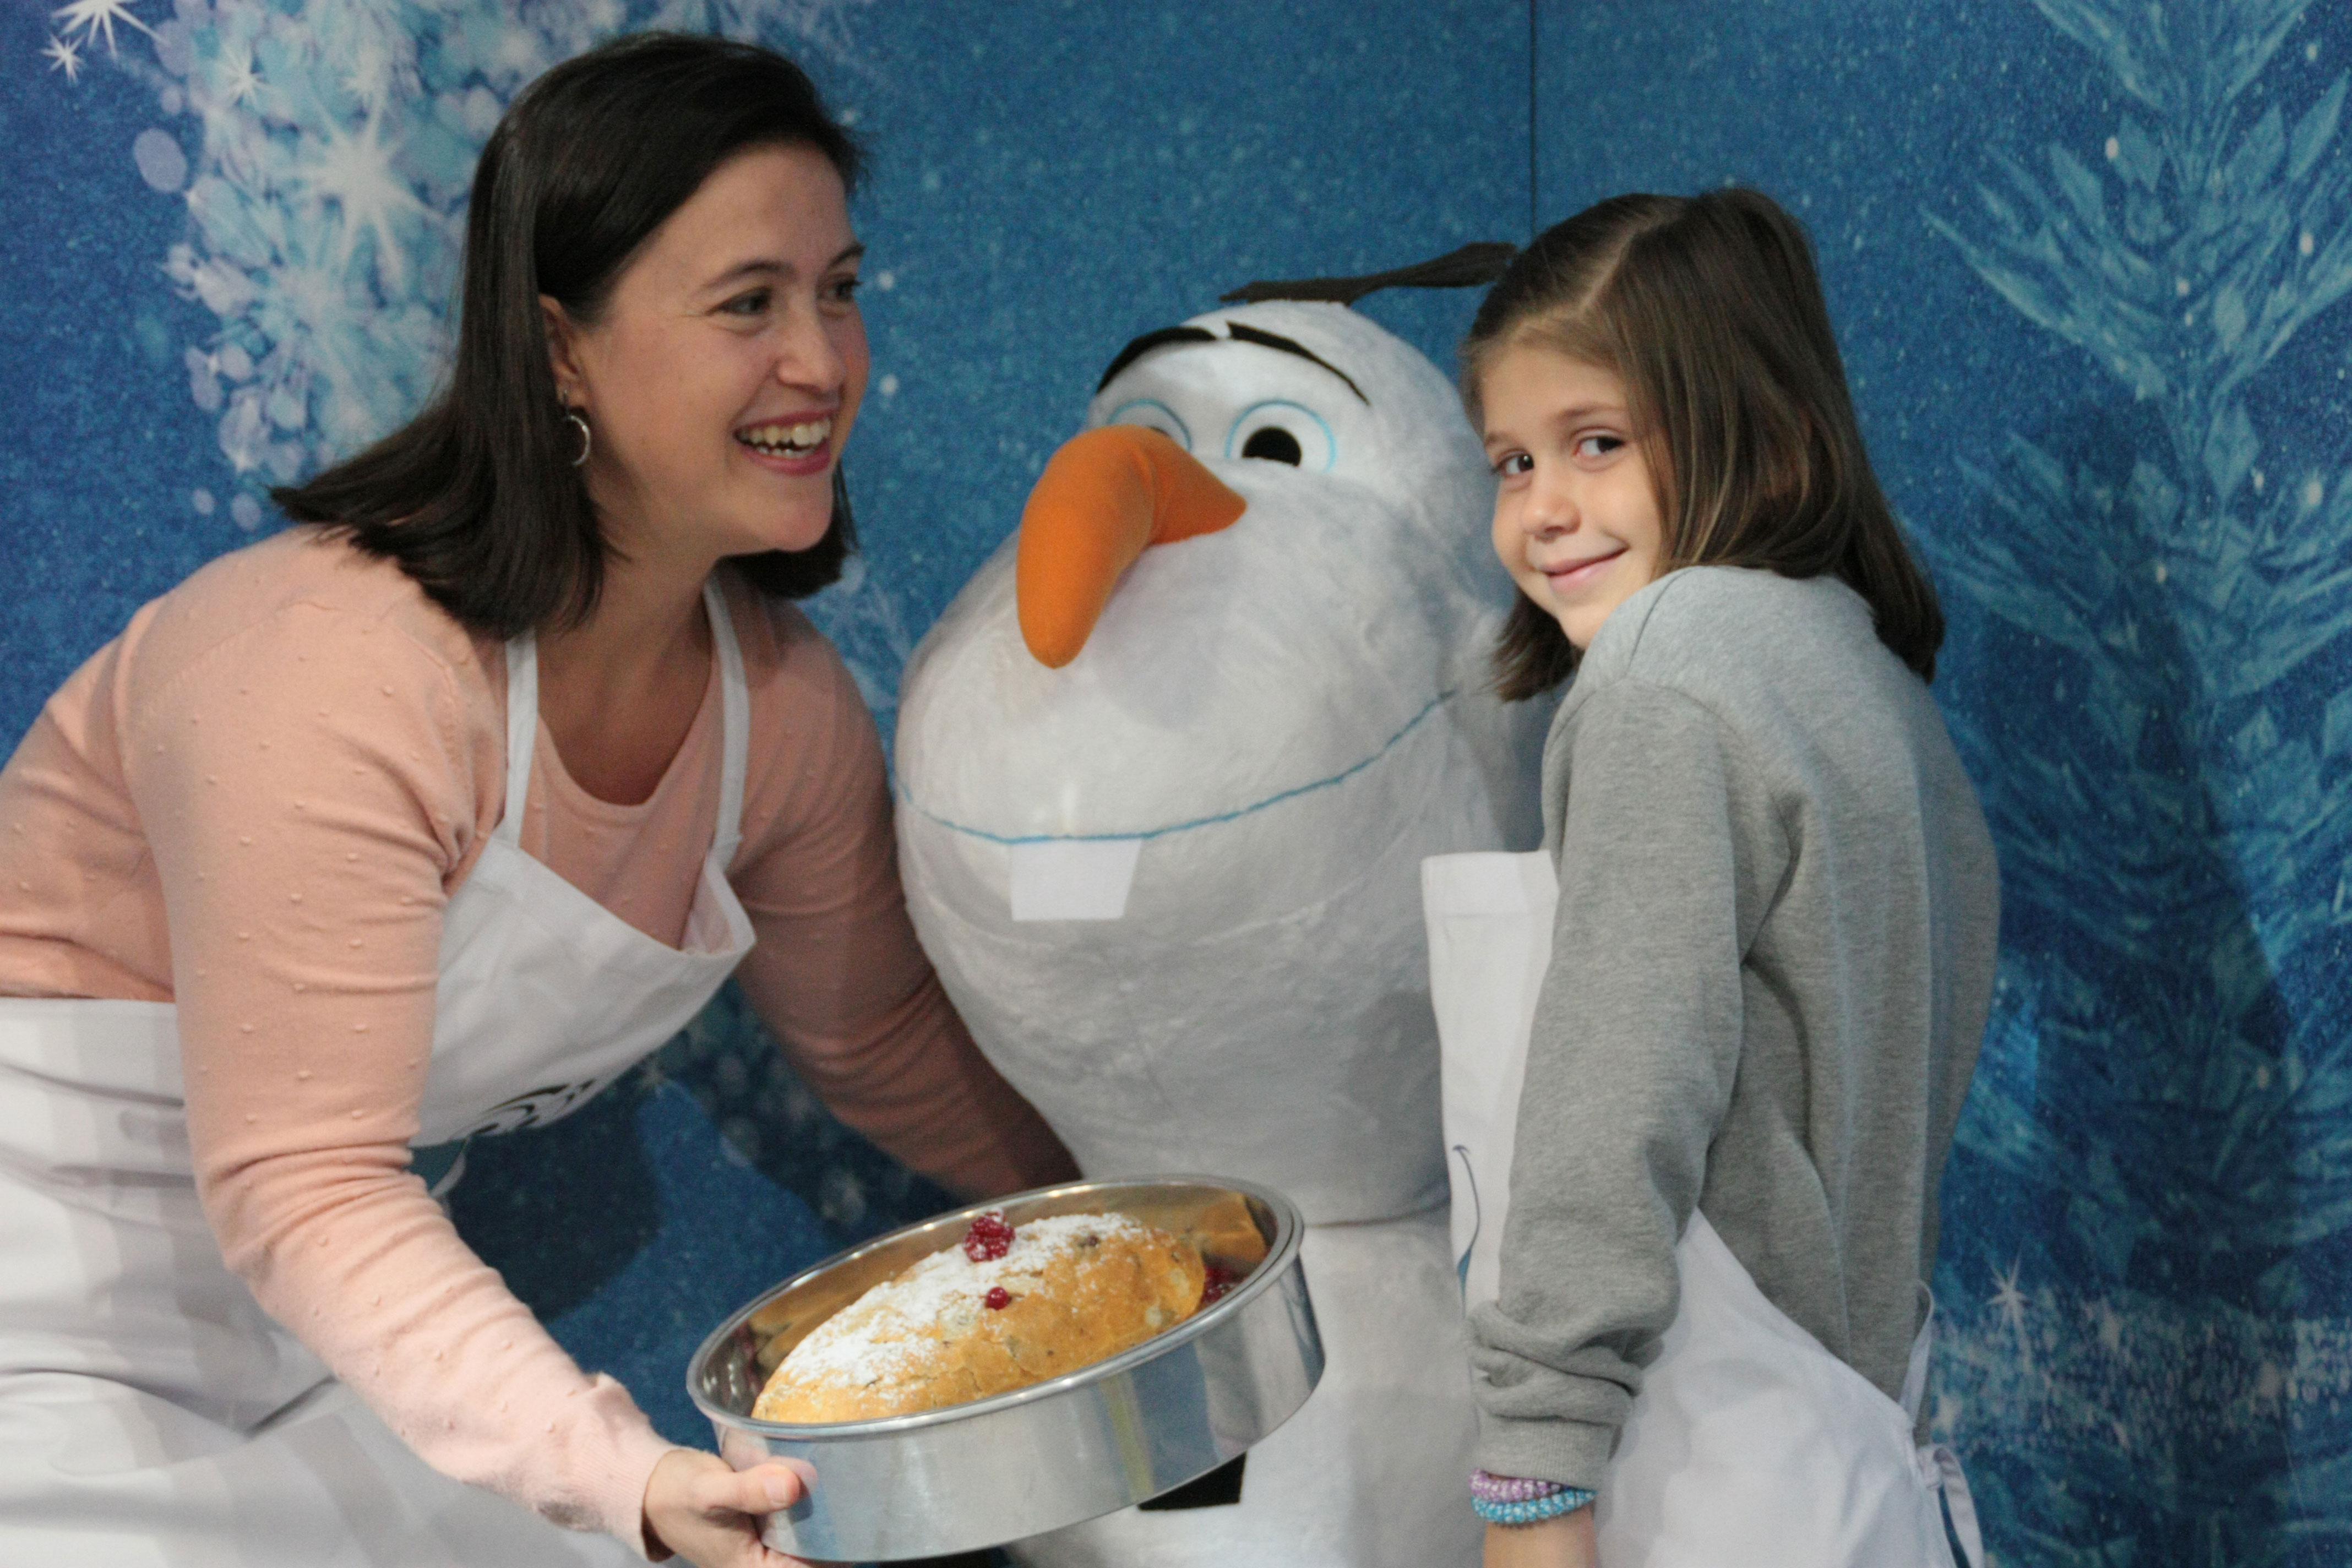 ¿Qué se cuece, Olaf?